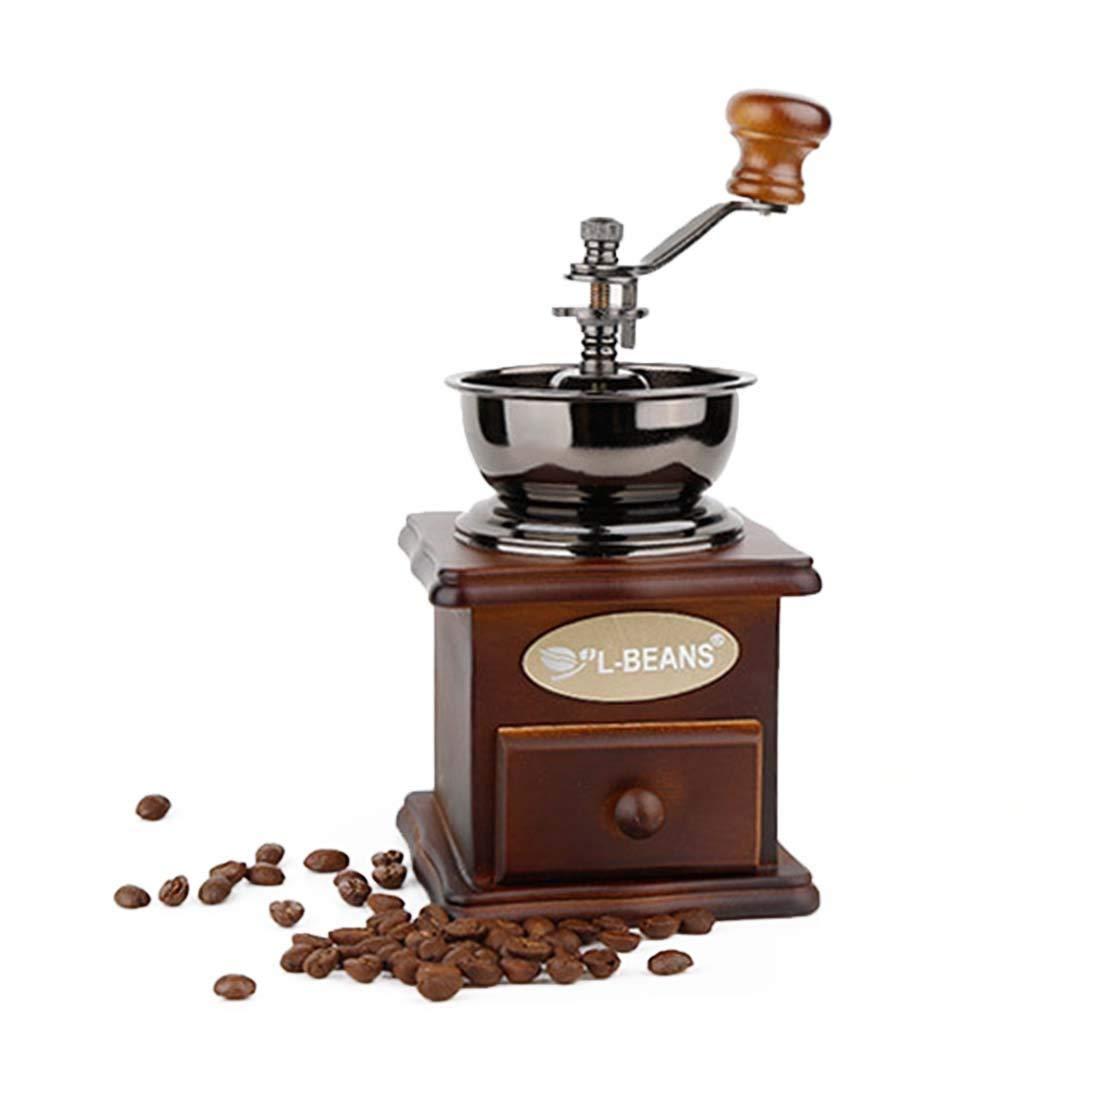 Classic Vintage Style Manual Hand Grinder Coffee Grinder, Manual Coffee Grinder With Catch Drawer,Adjustable Grind